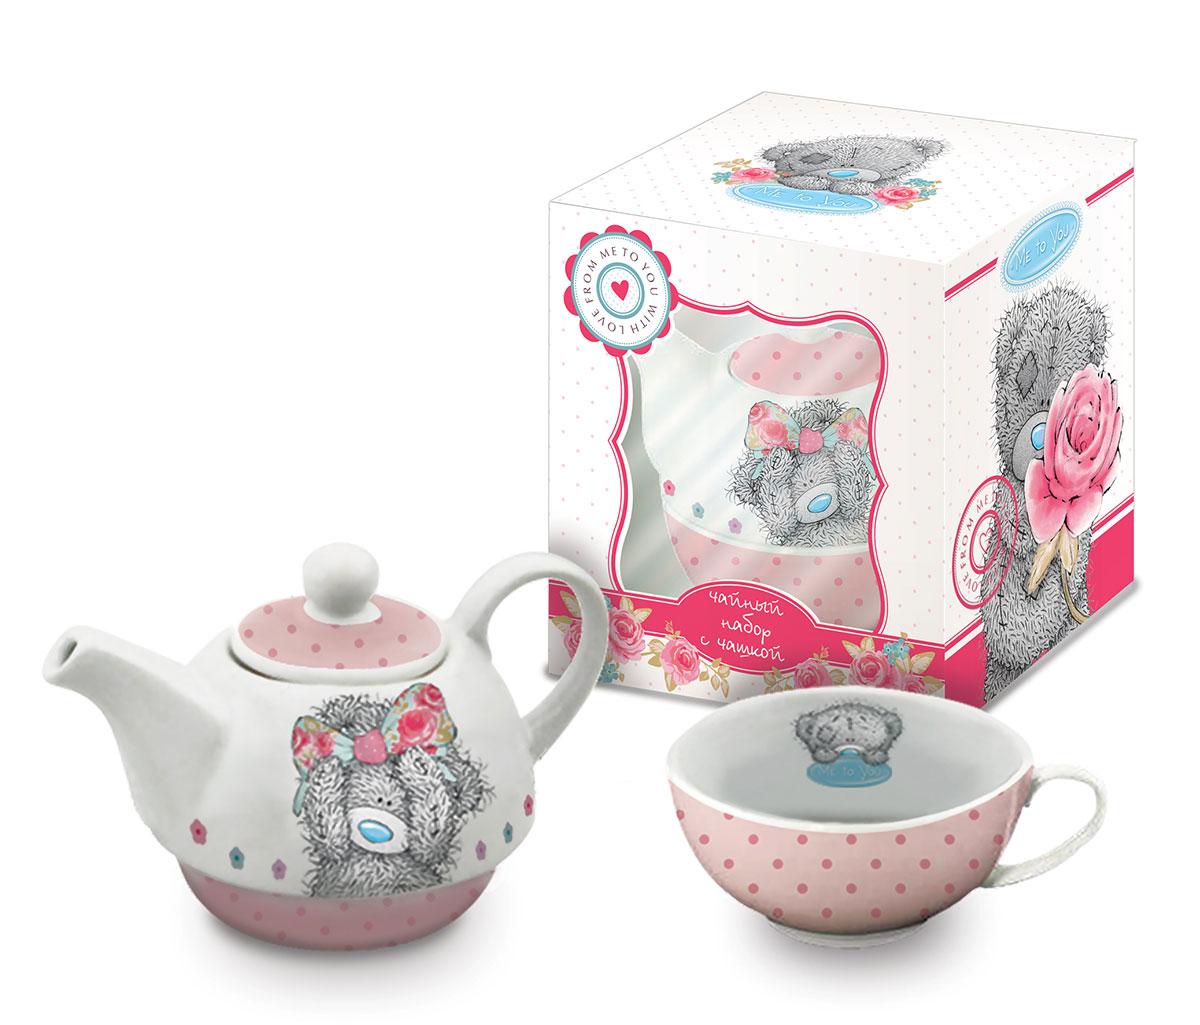 Teabreeze Me to You Подарочный чайный набор с чашкой и чайником, 100 г сувенир чайный набор серия me to you в асс g91q0153